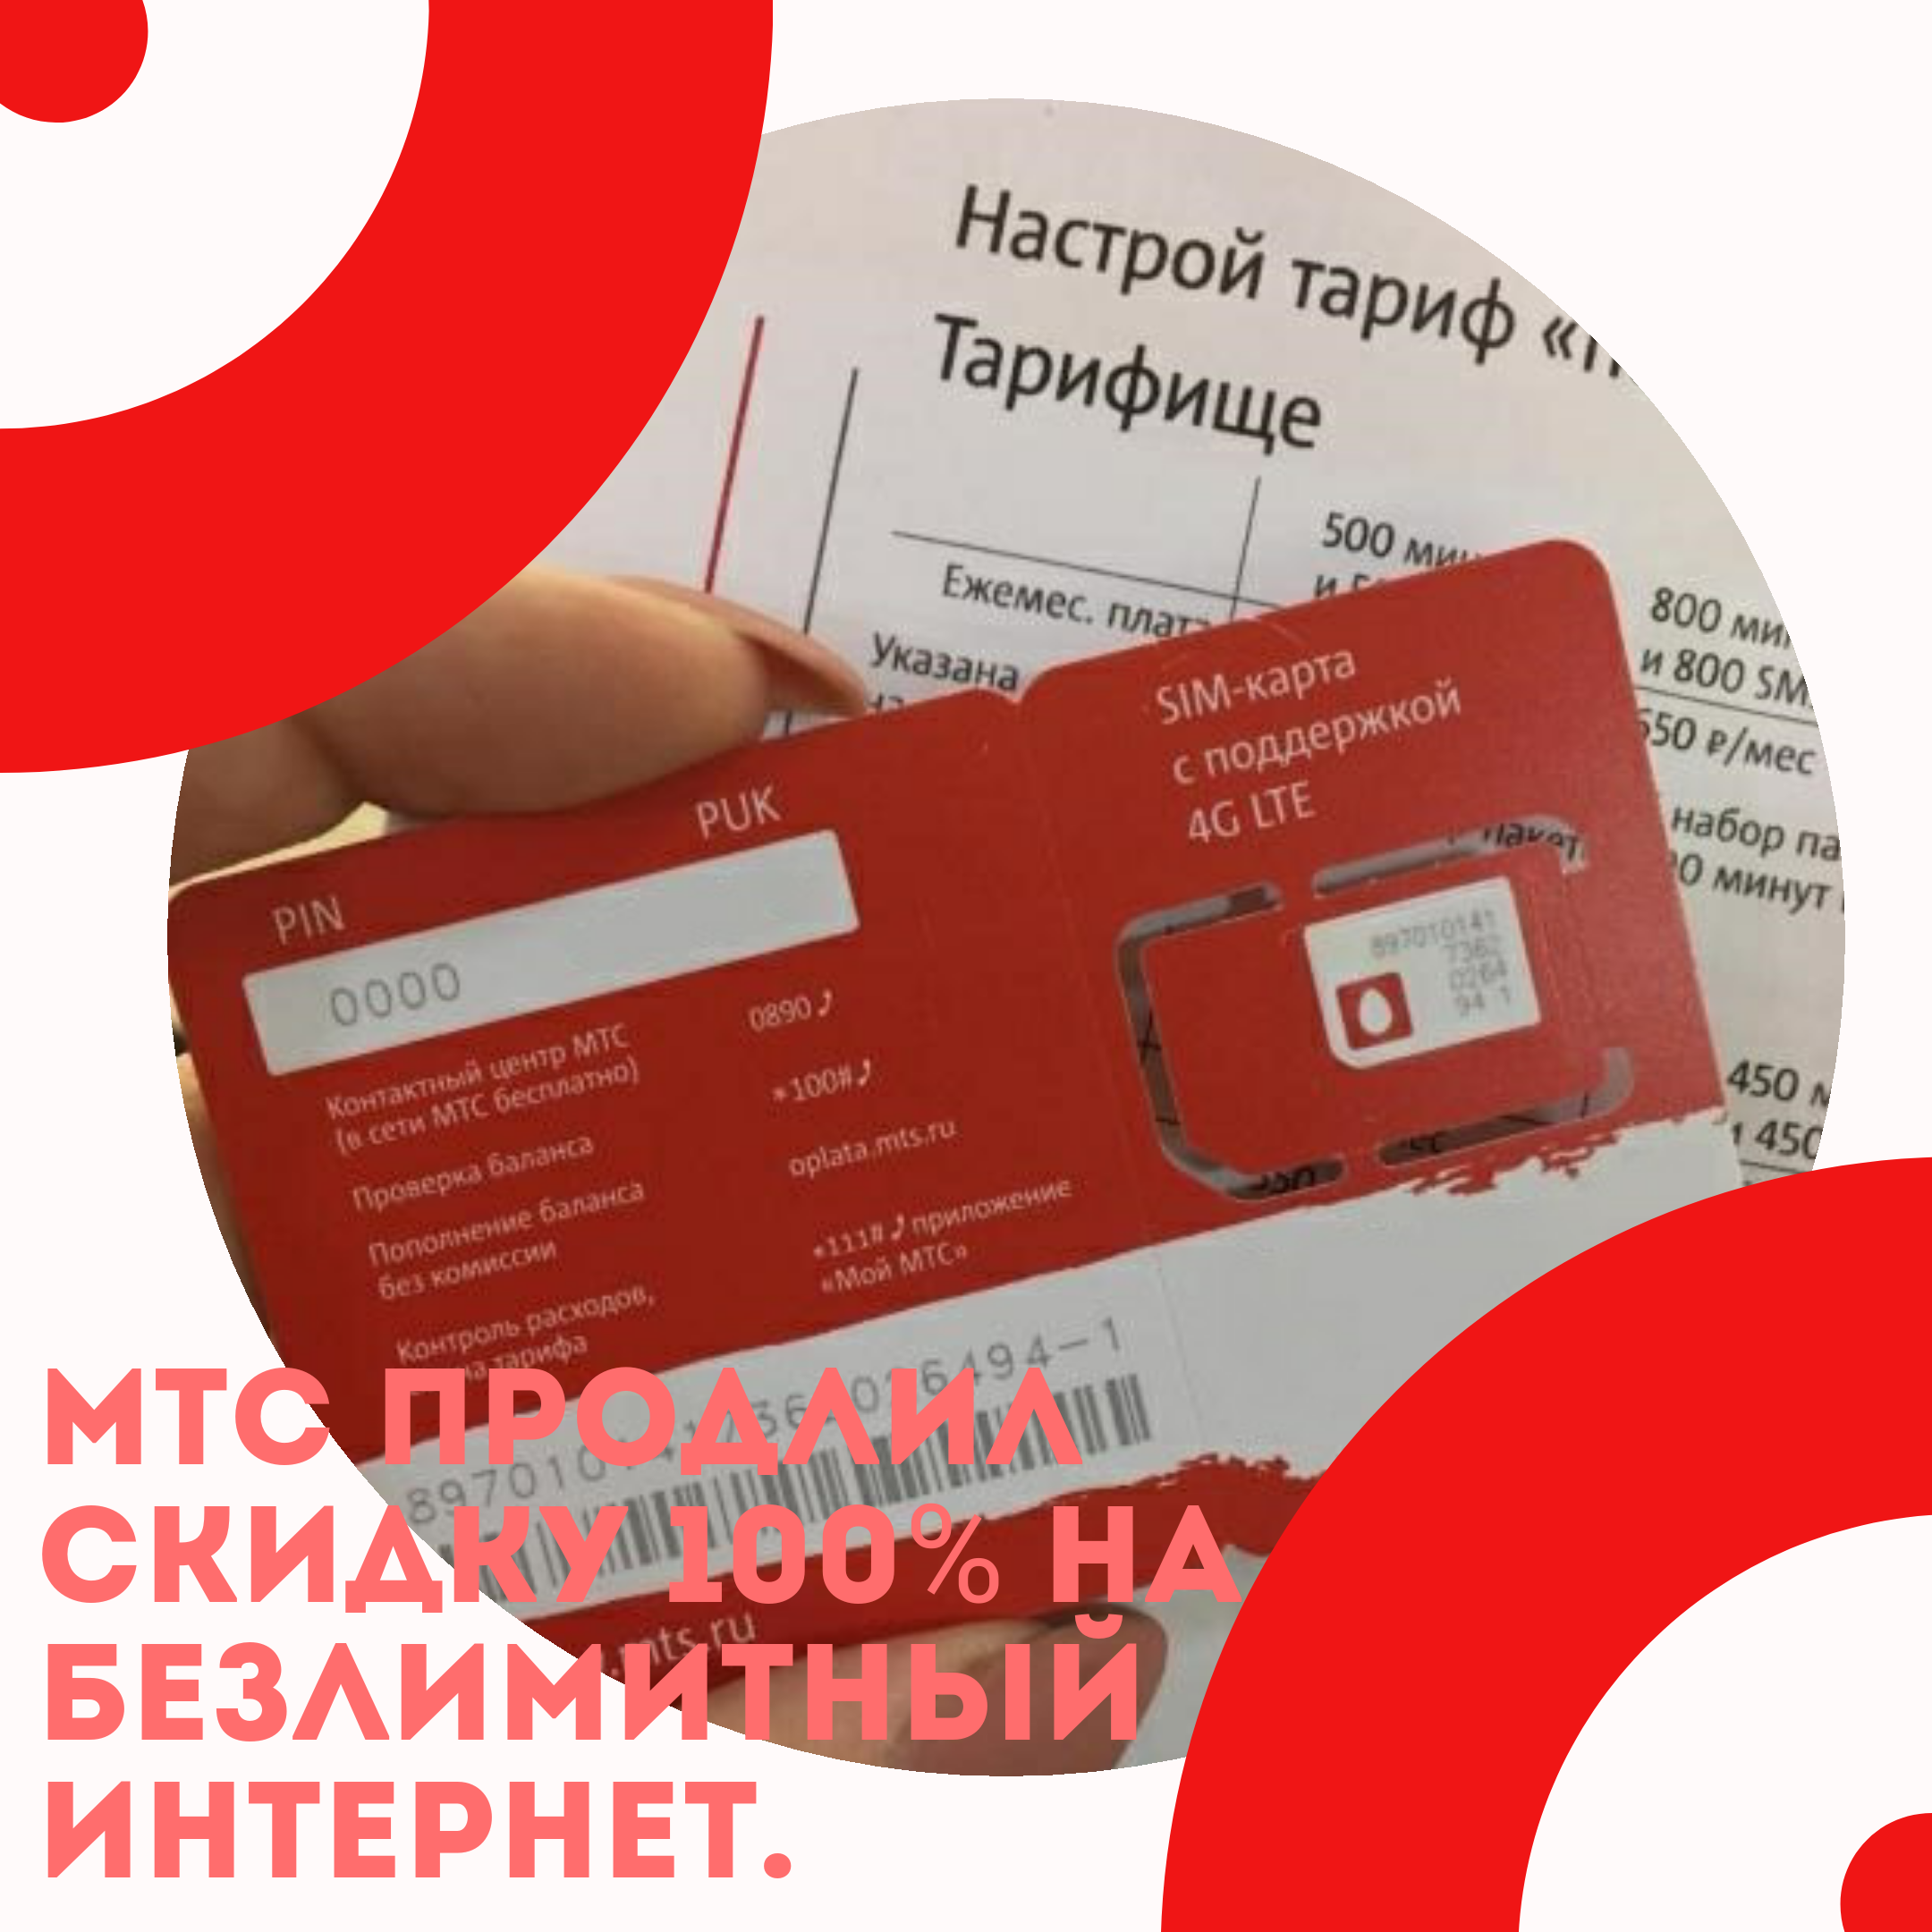 МТС продлил «Скидку 100% на Безлимитный интернет» до 31 марта 1